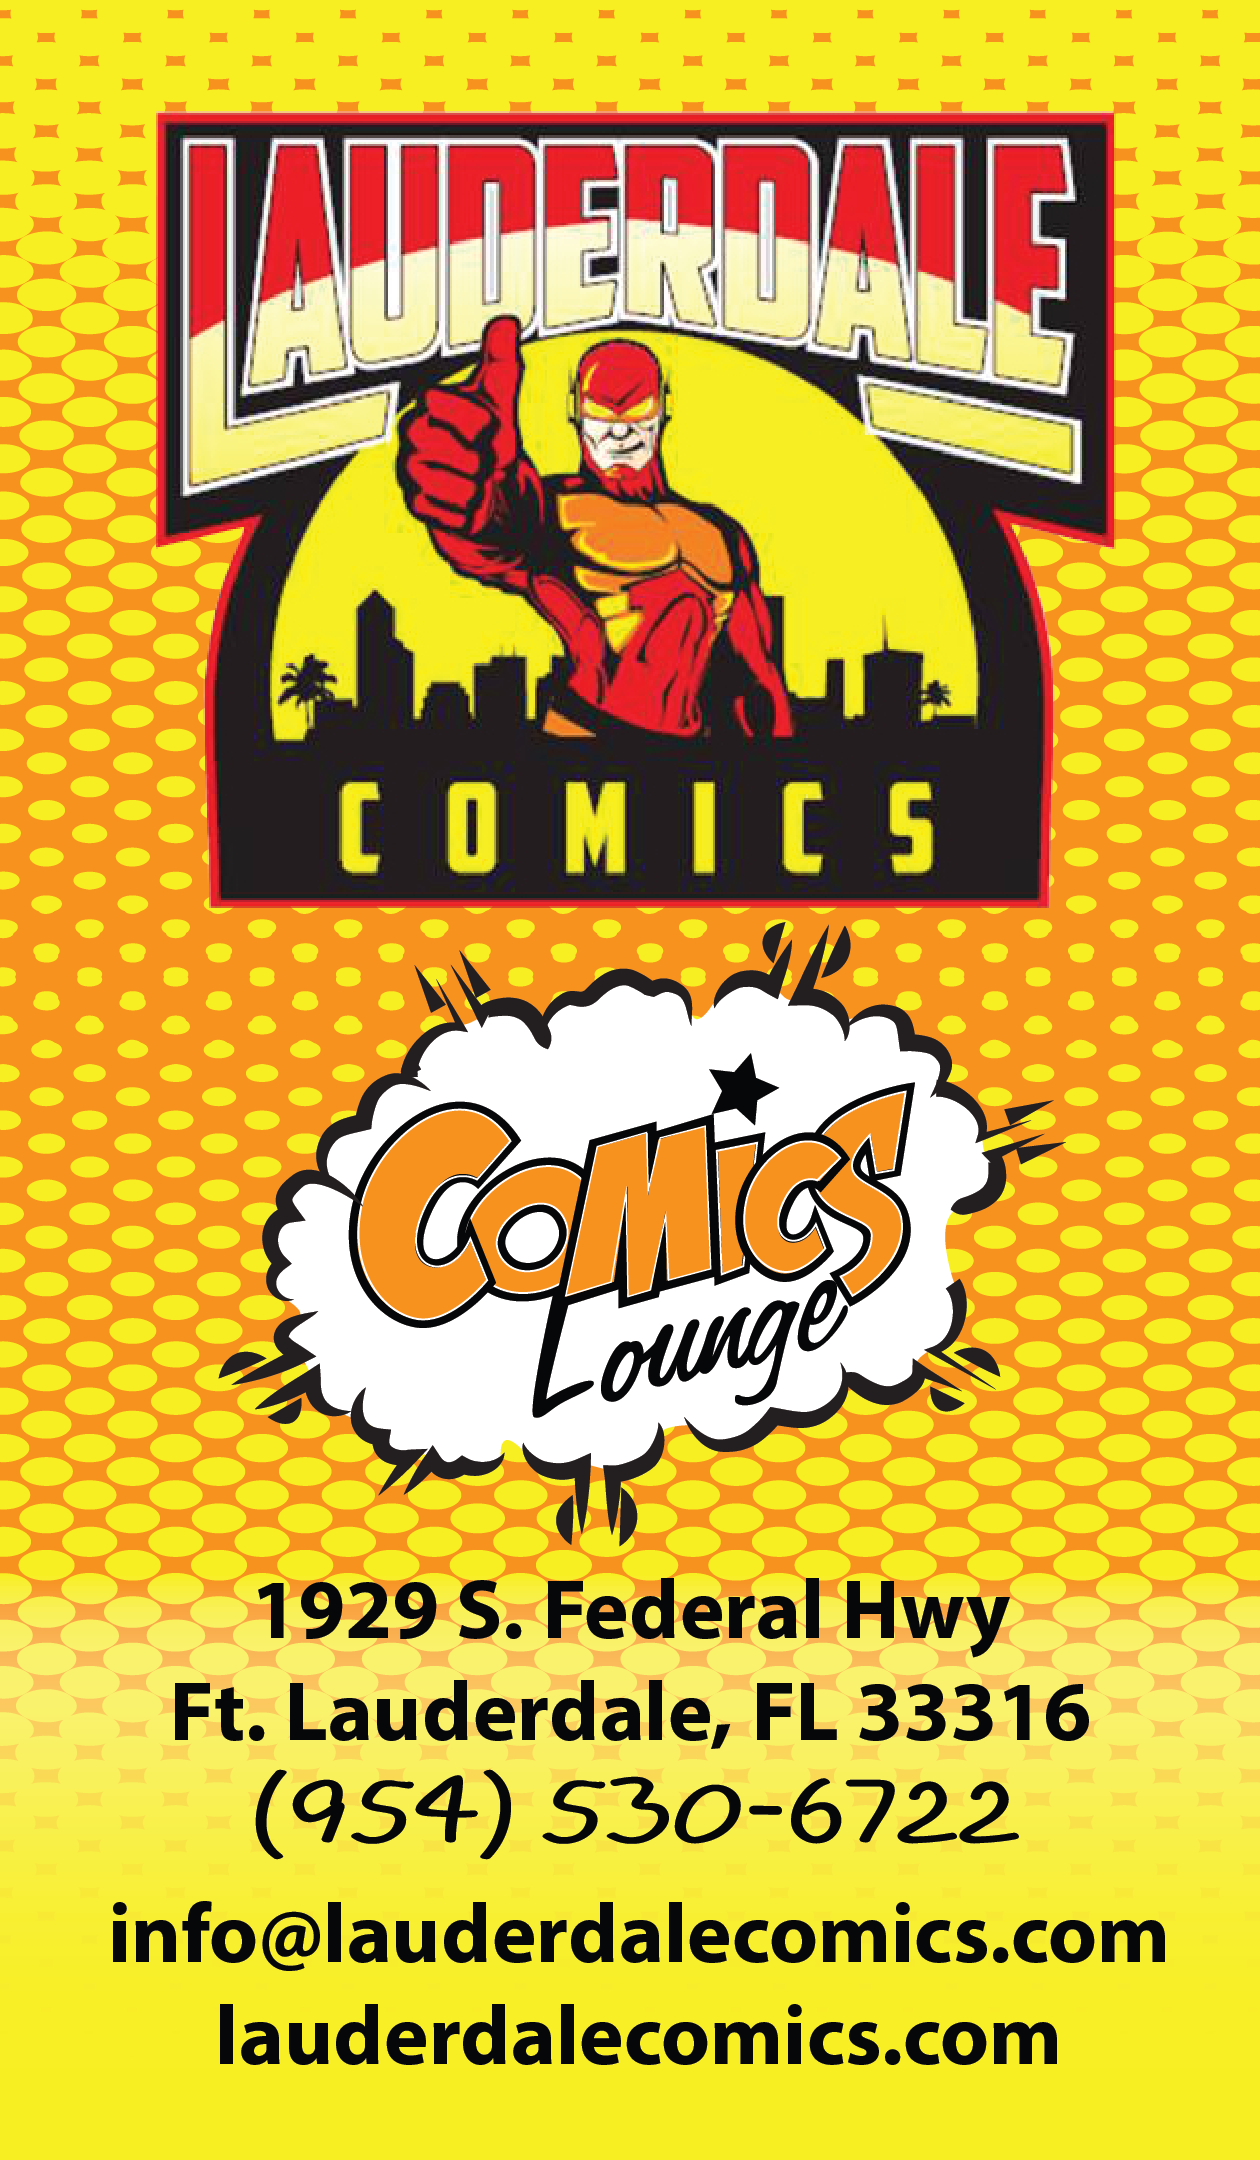 Lauderdale Comics